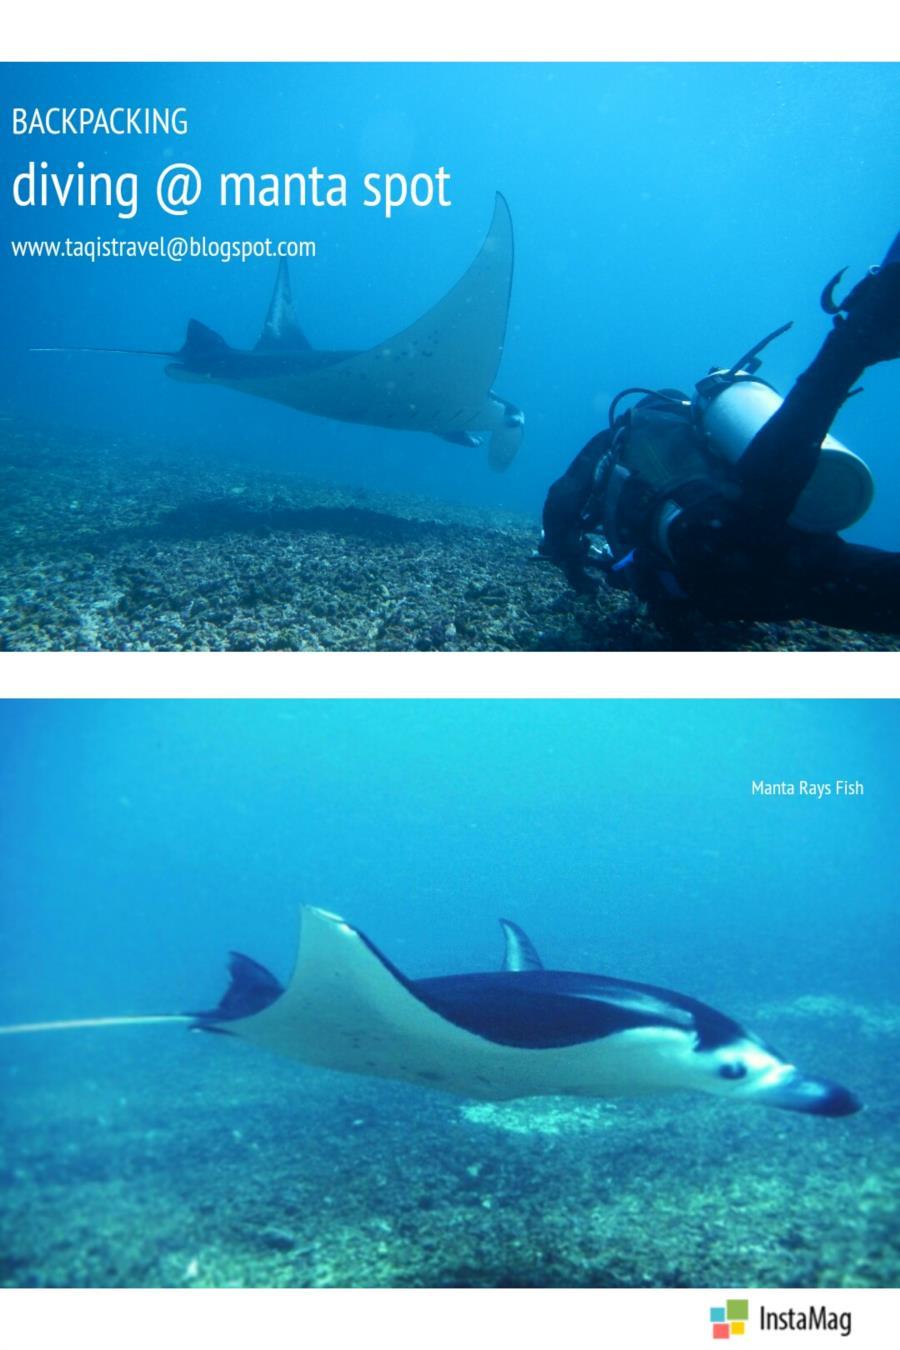 Diving in manta spot labuan bajo